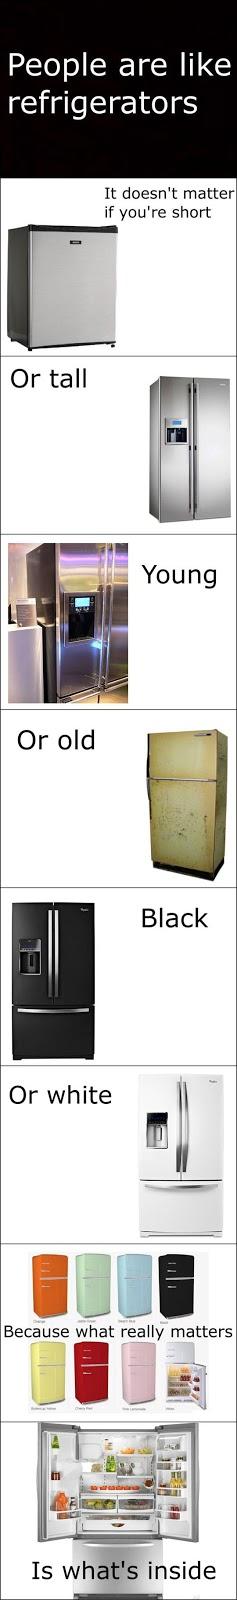 cool-people-like-fridge-inside